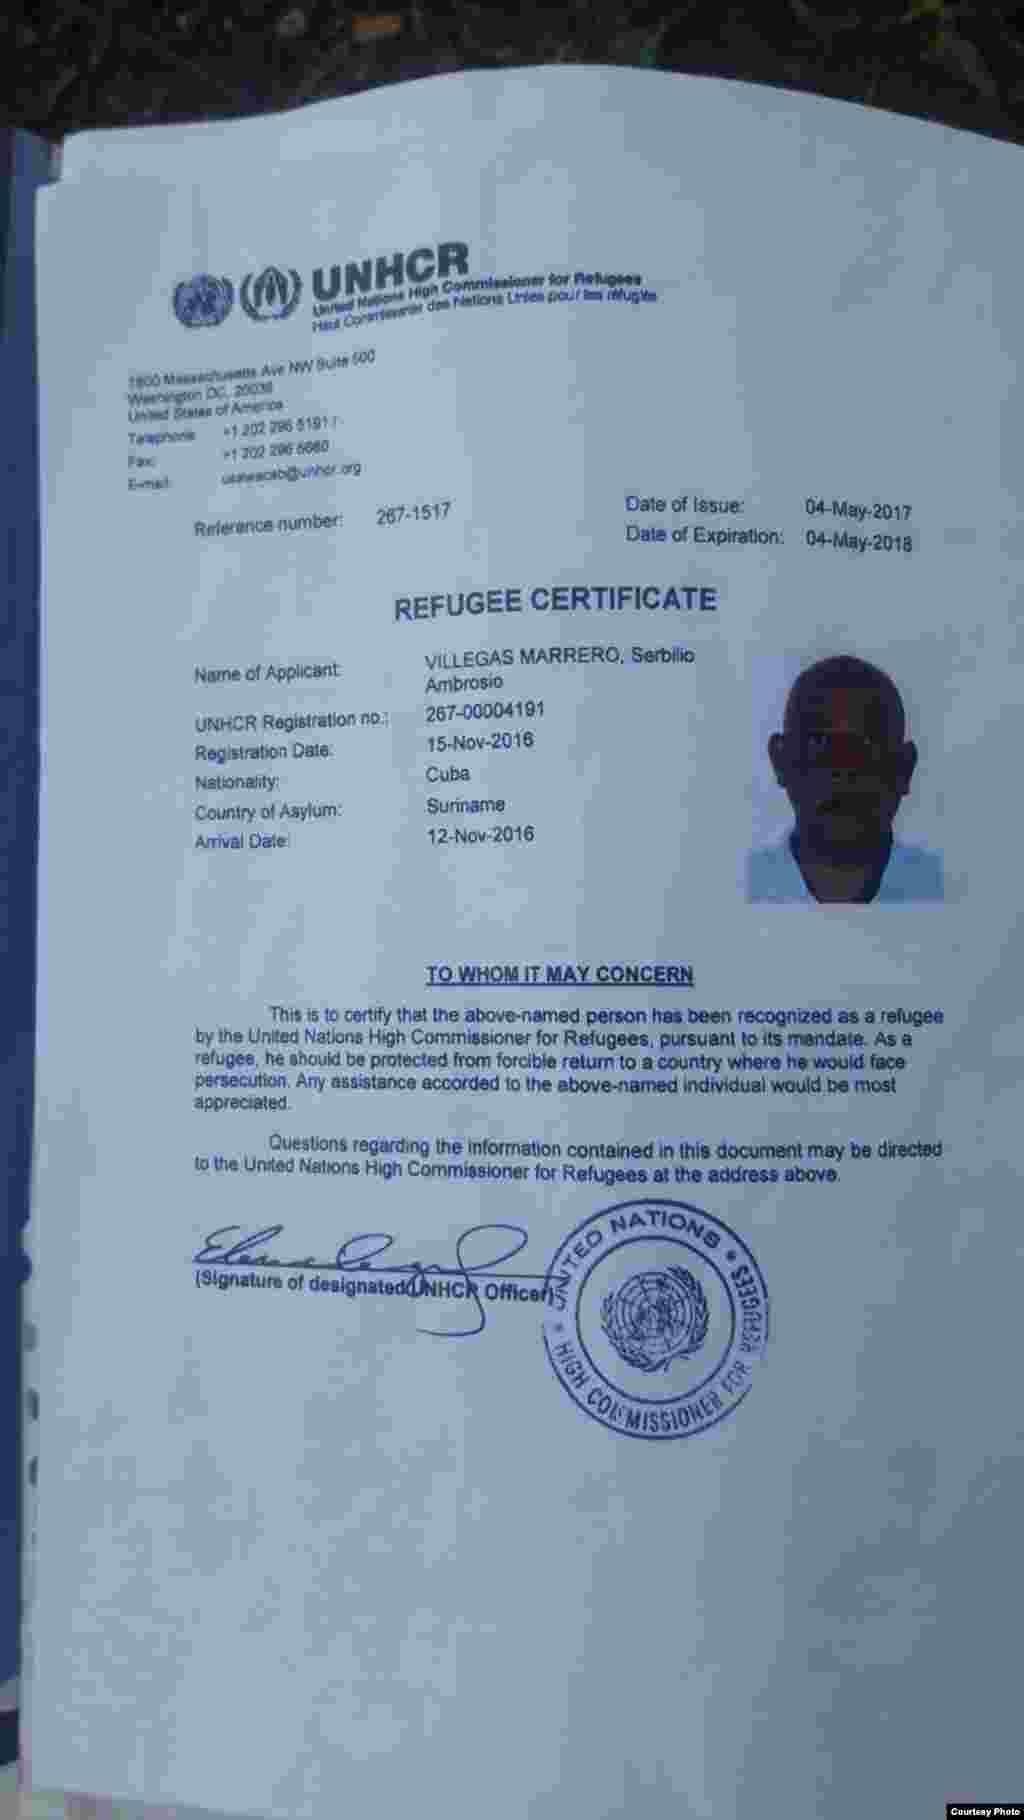 Certificado de refugiado, concedido por ACNUR a Servilio Villegas Marrero en Surinam.